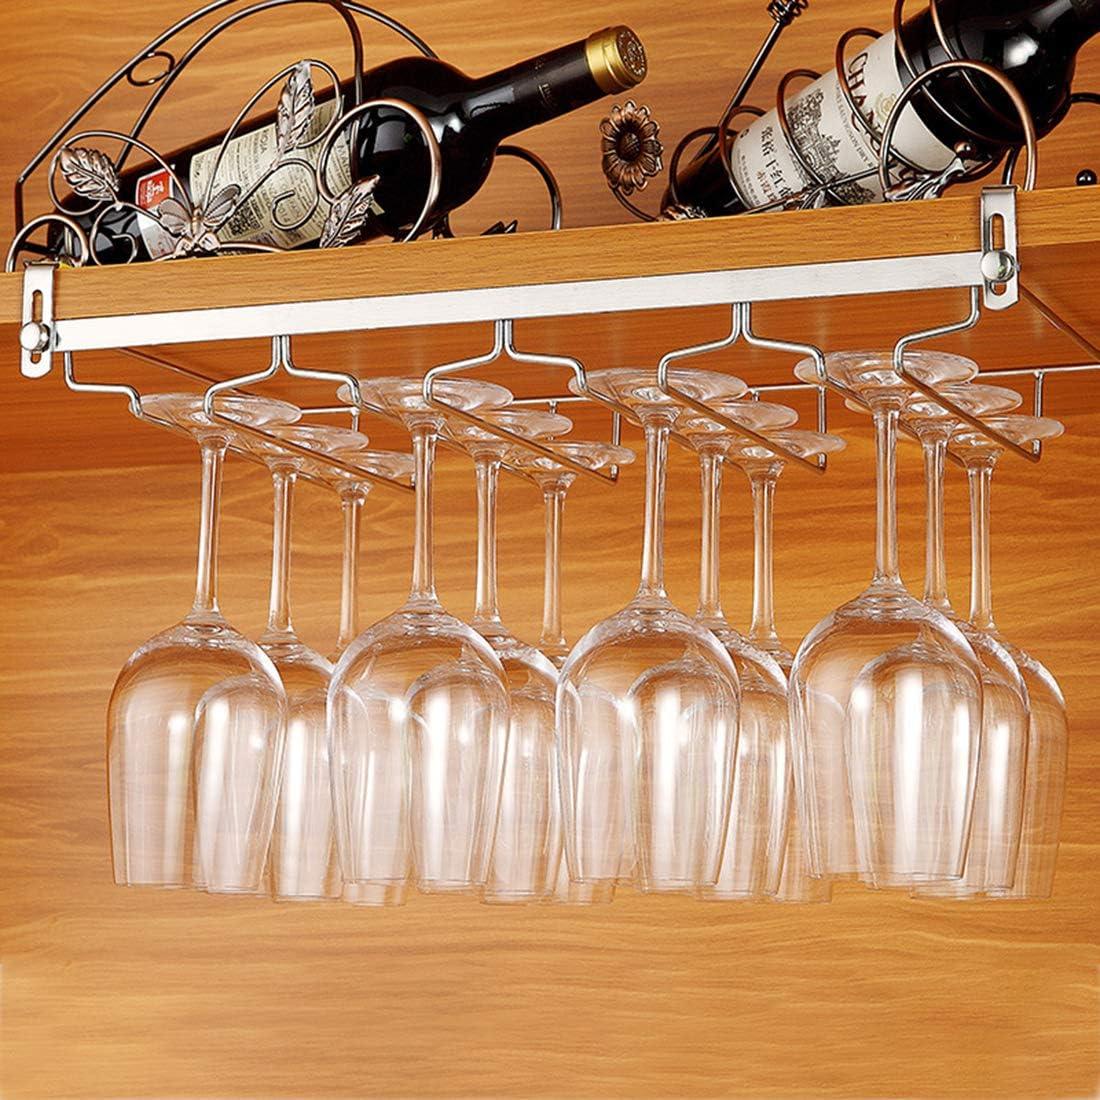 Soporte de Acero para Colgar Copas en la Cocina 27/×24/×7,5cm con 2 rieles Tosbess Soporte para Copas de Vino Bar o Restaurante